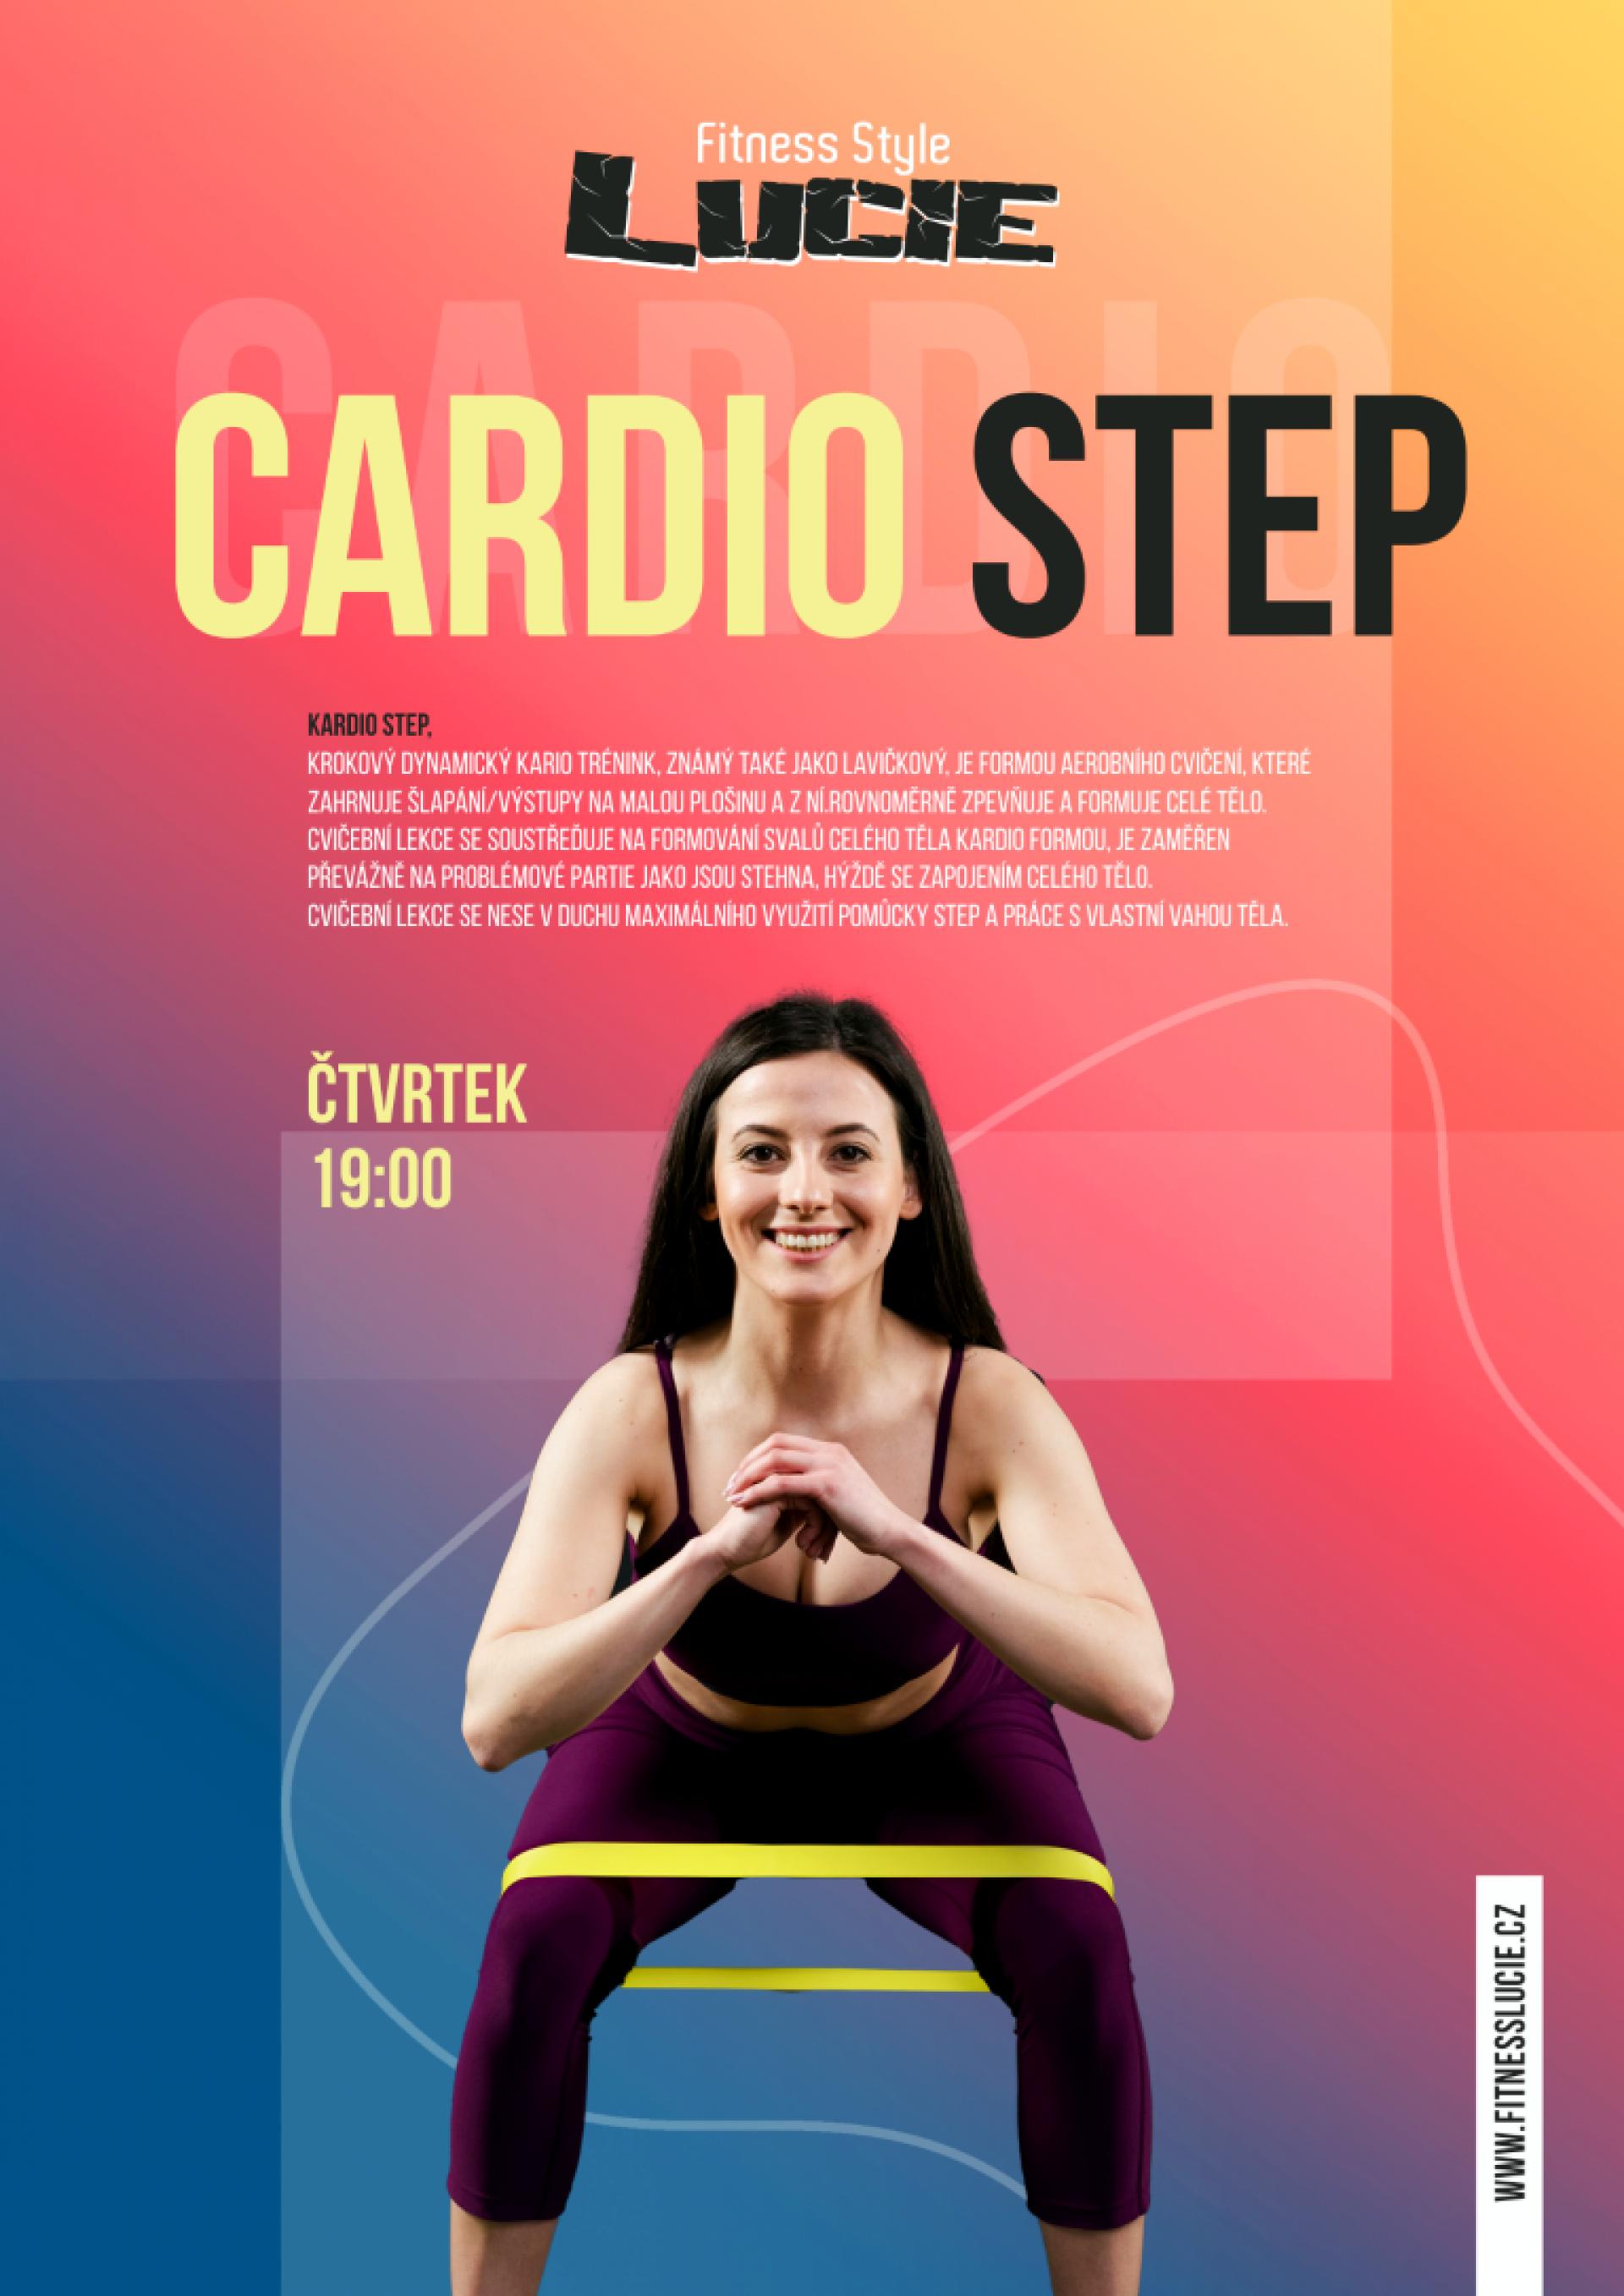 Cardio step - čtvrtek 19:00